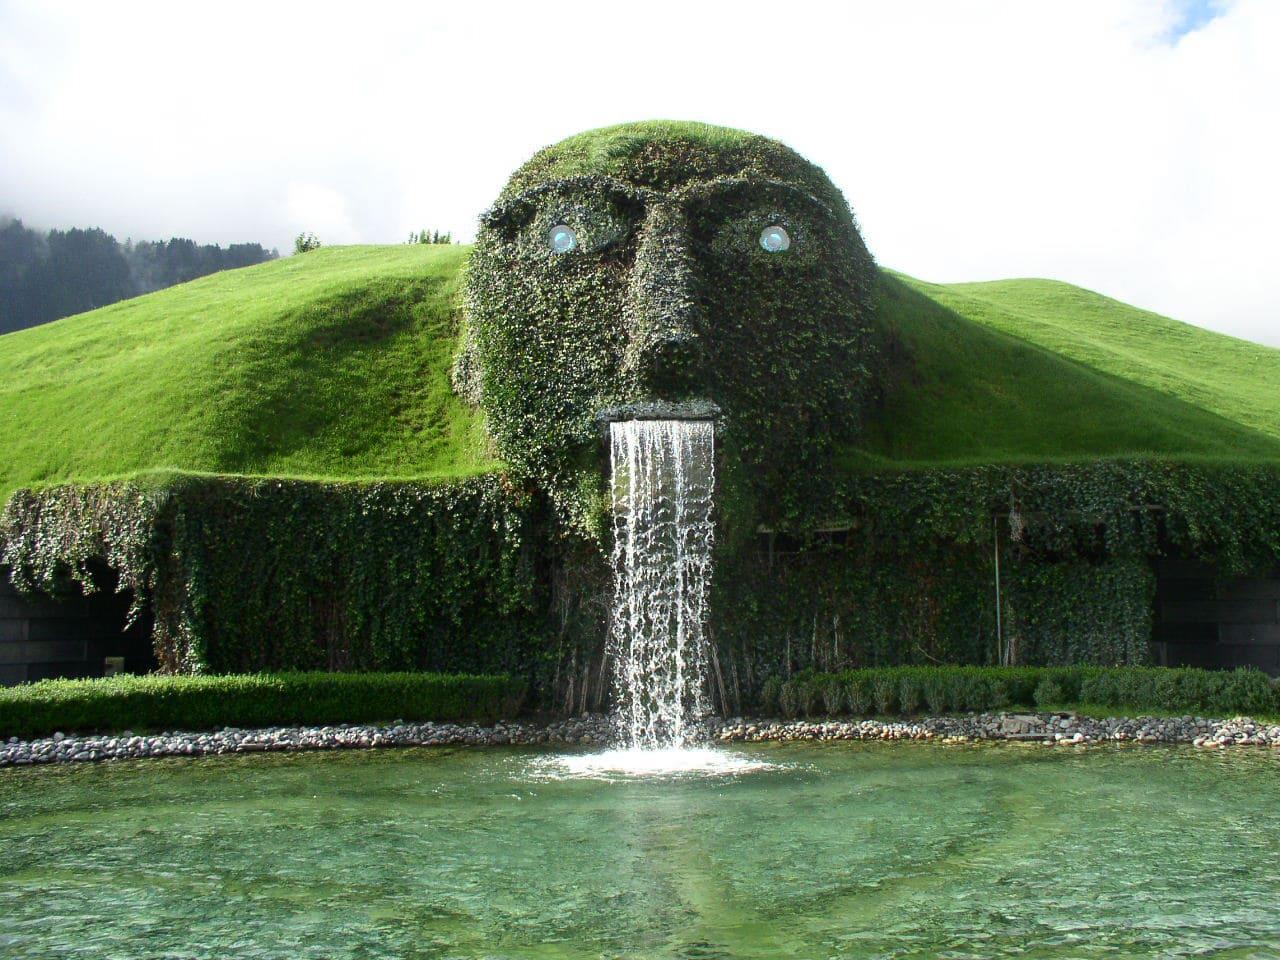 מוזיאון הקריסטל סברובסקי. אופציה מצוינת ליום גשום